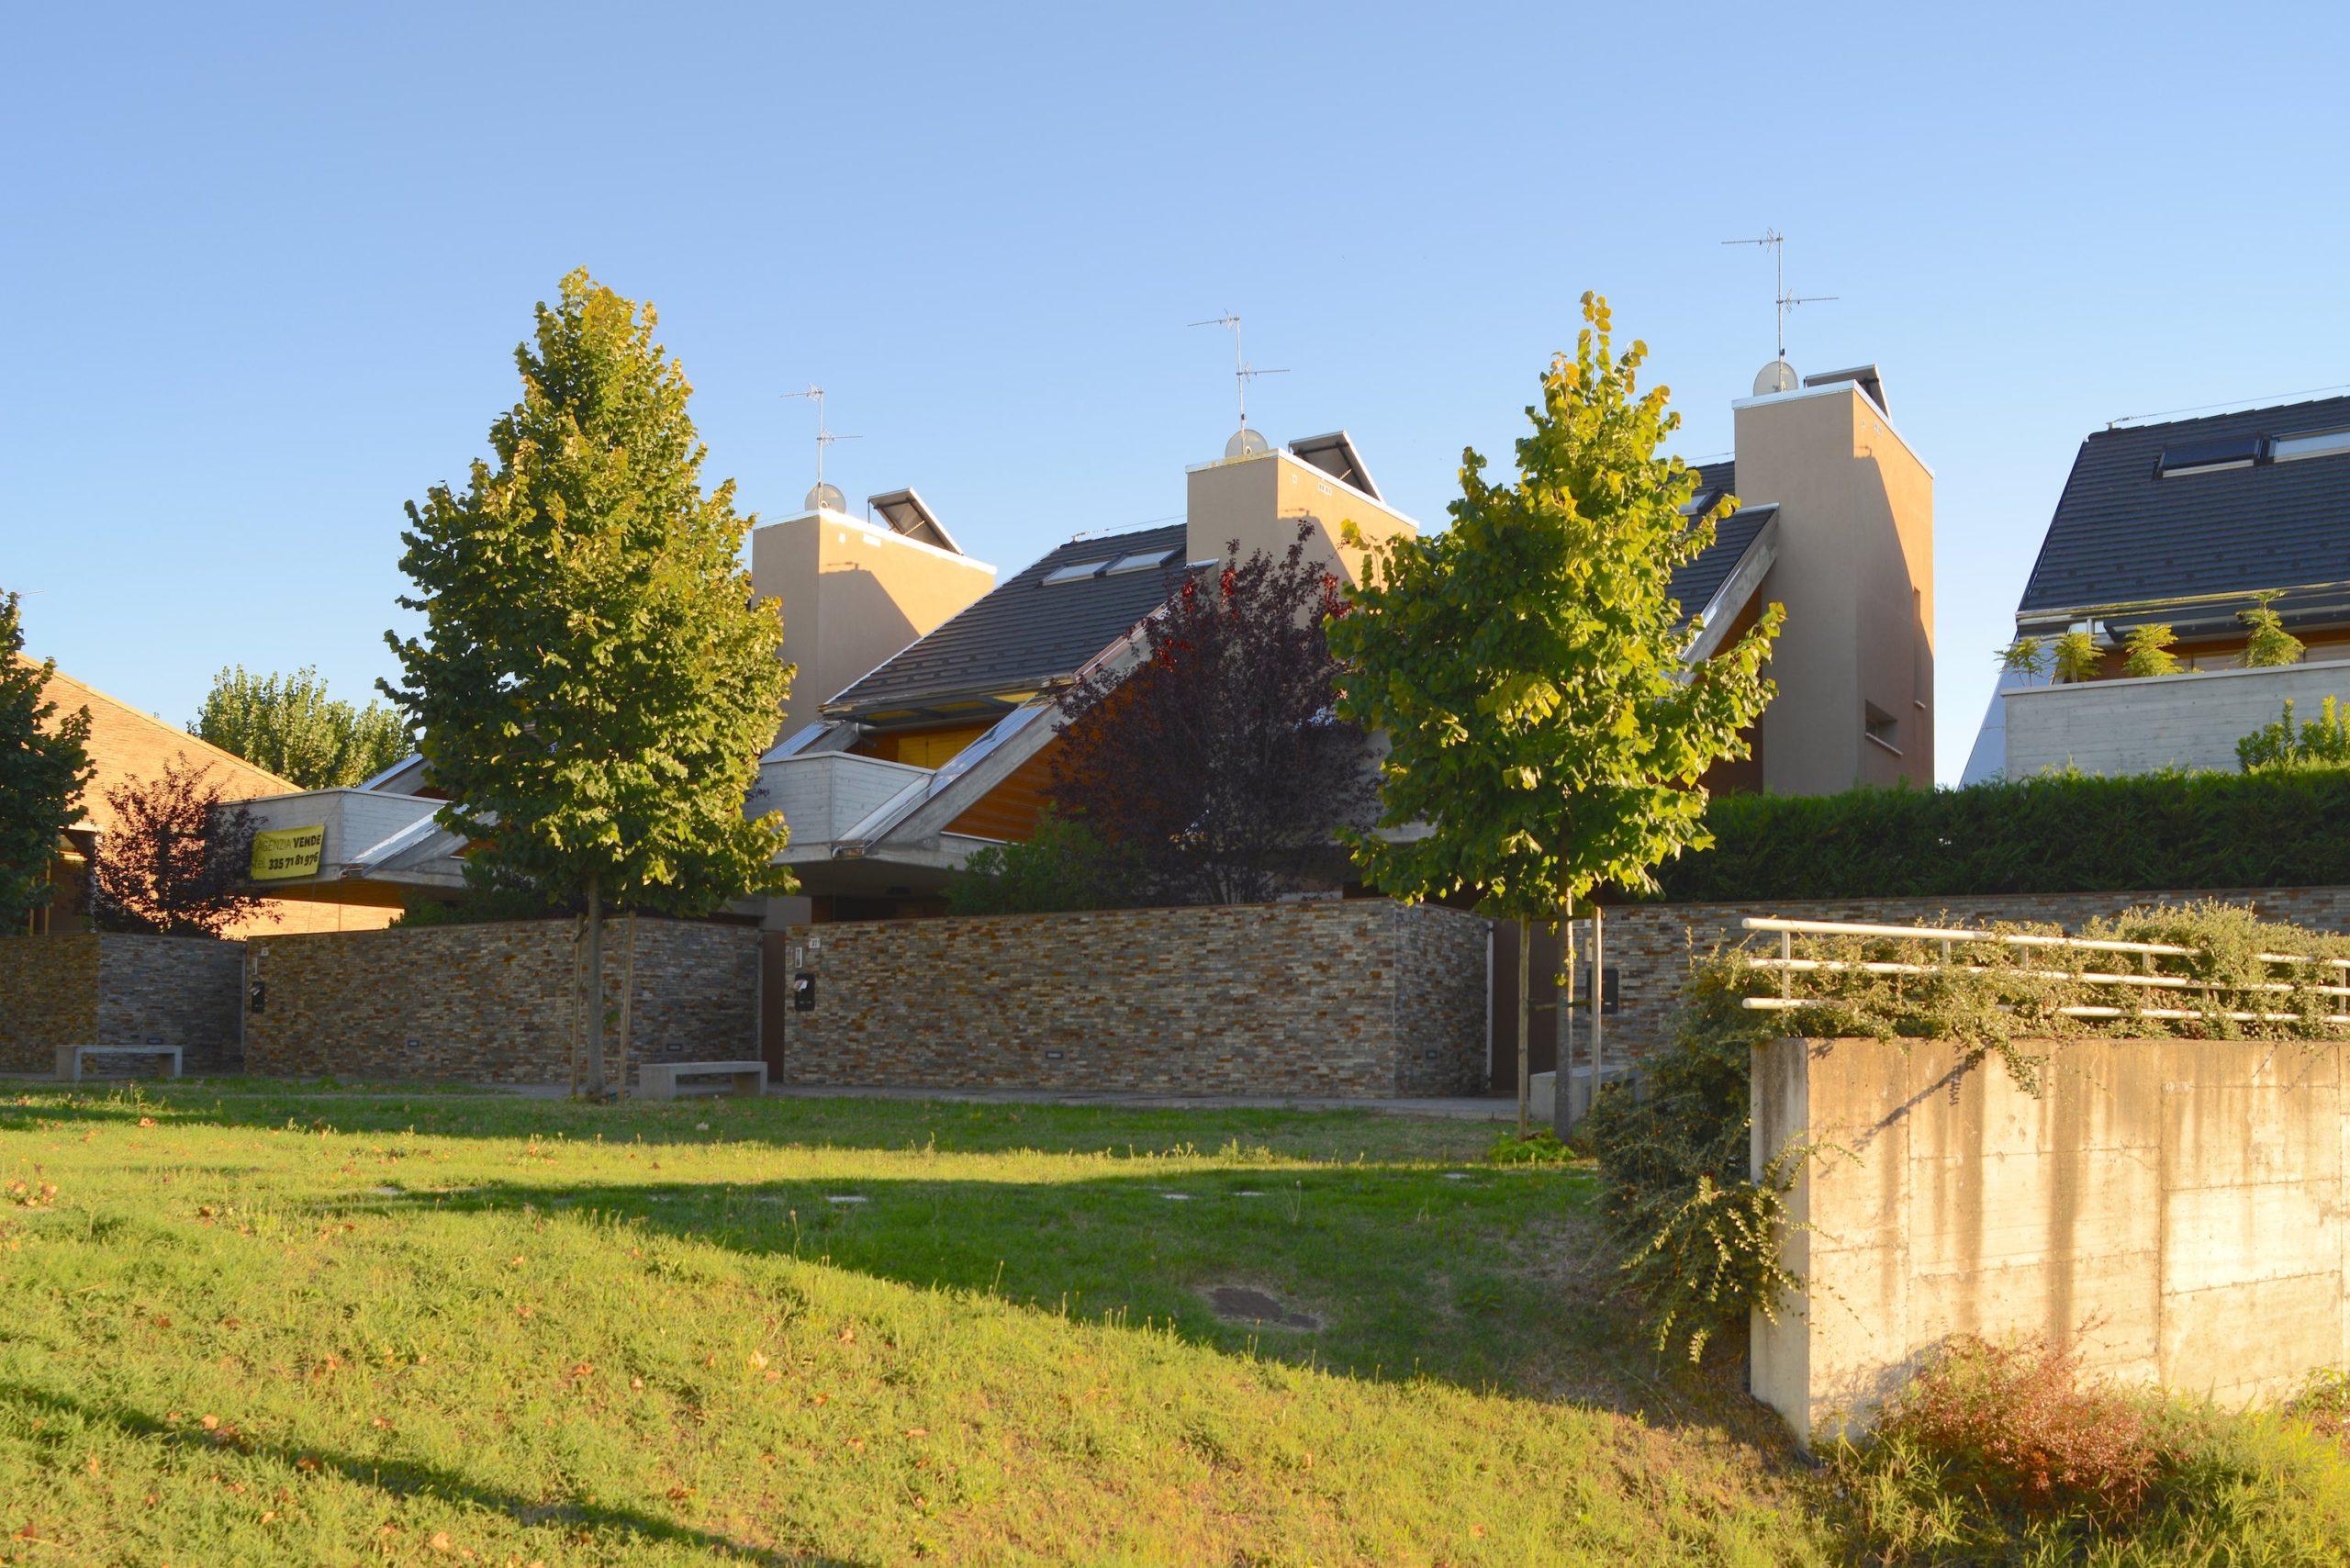 5823 Studio Bacchi Architetti 7Case